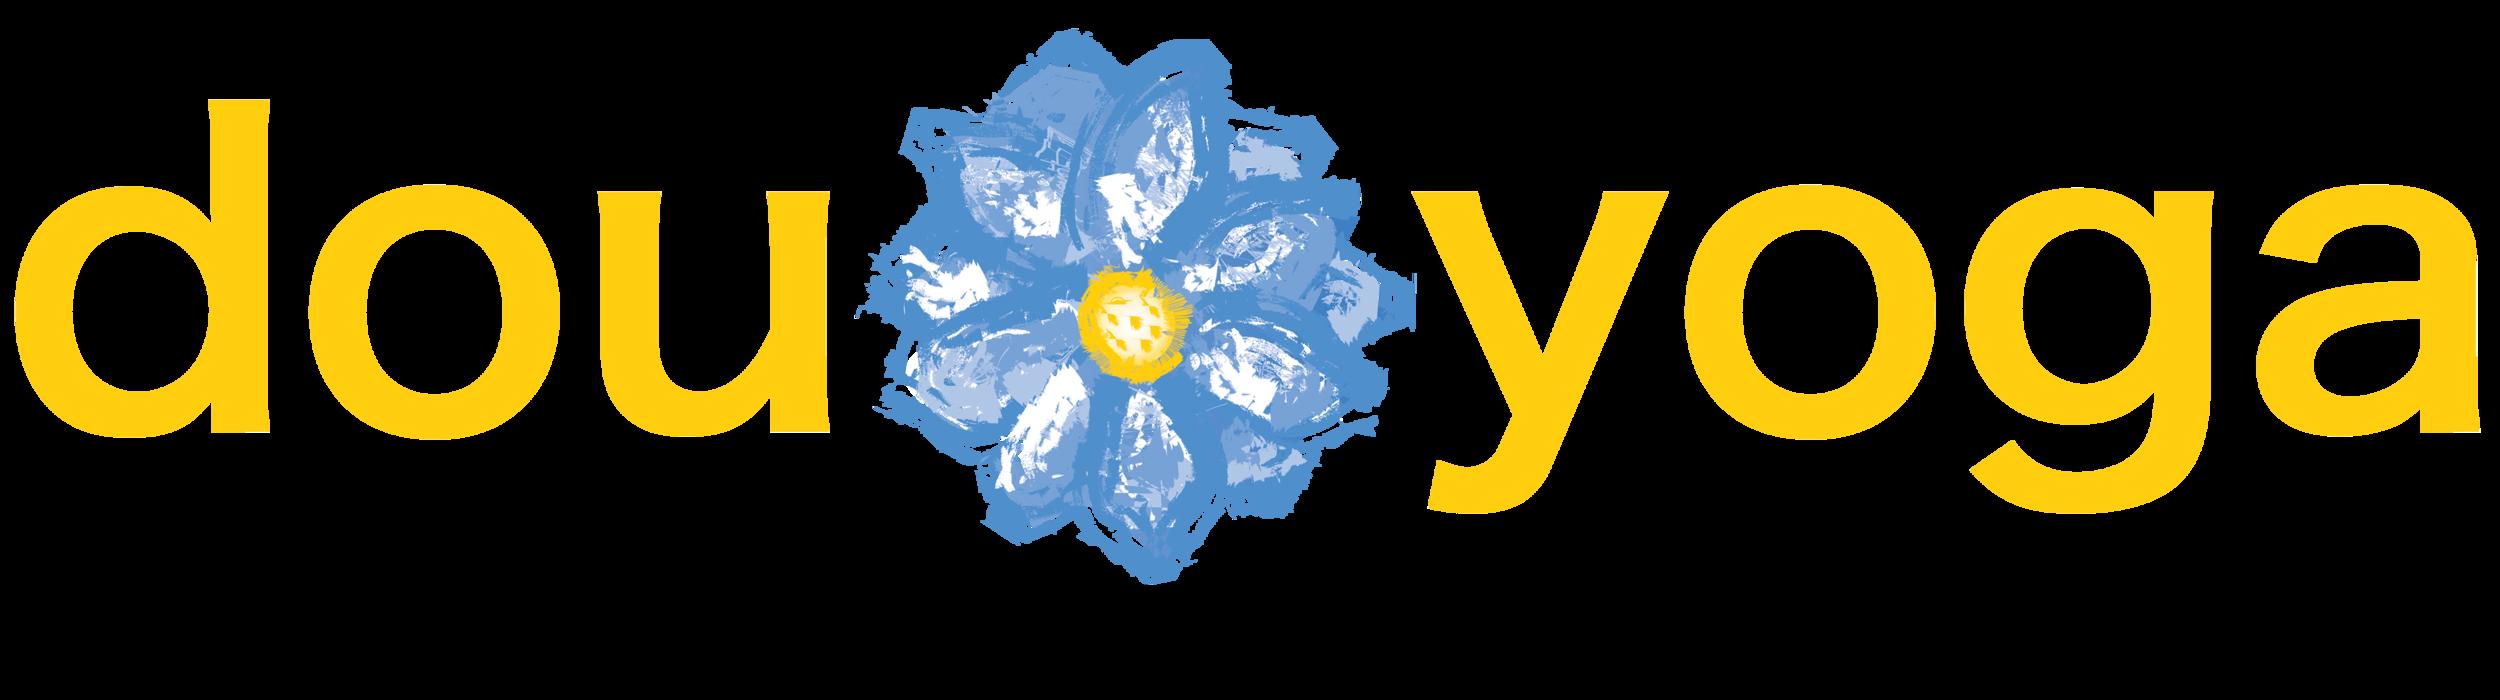 ORIGINAL - Dou Yoga logo.png